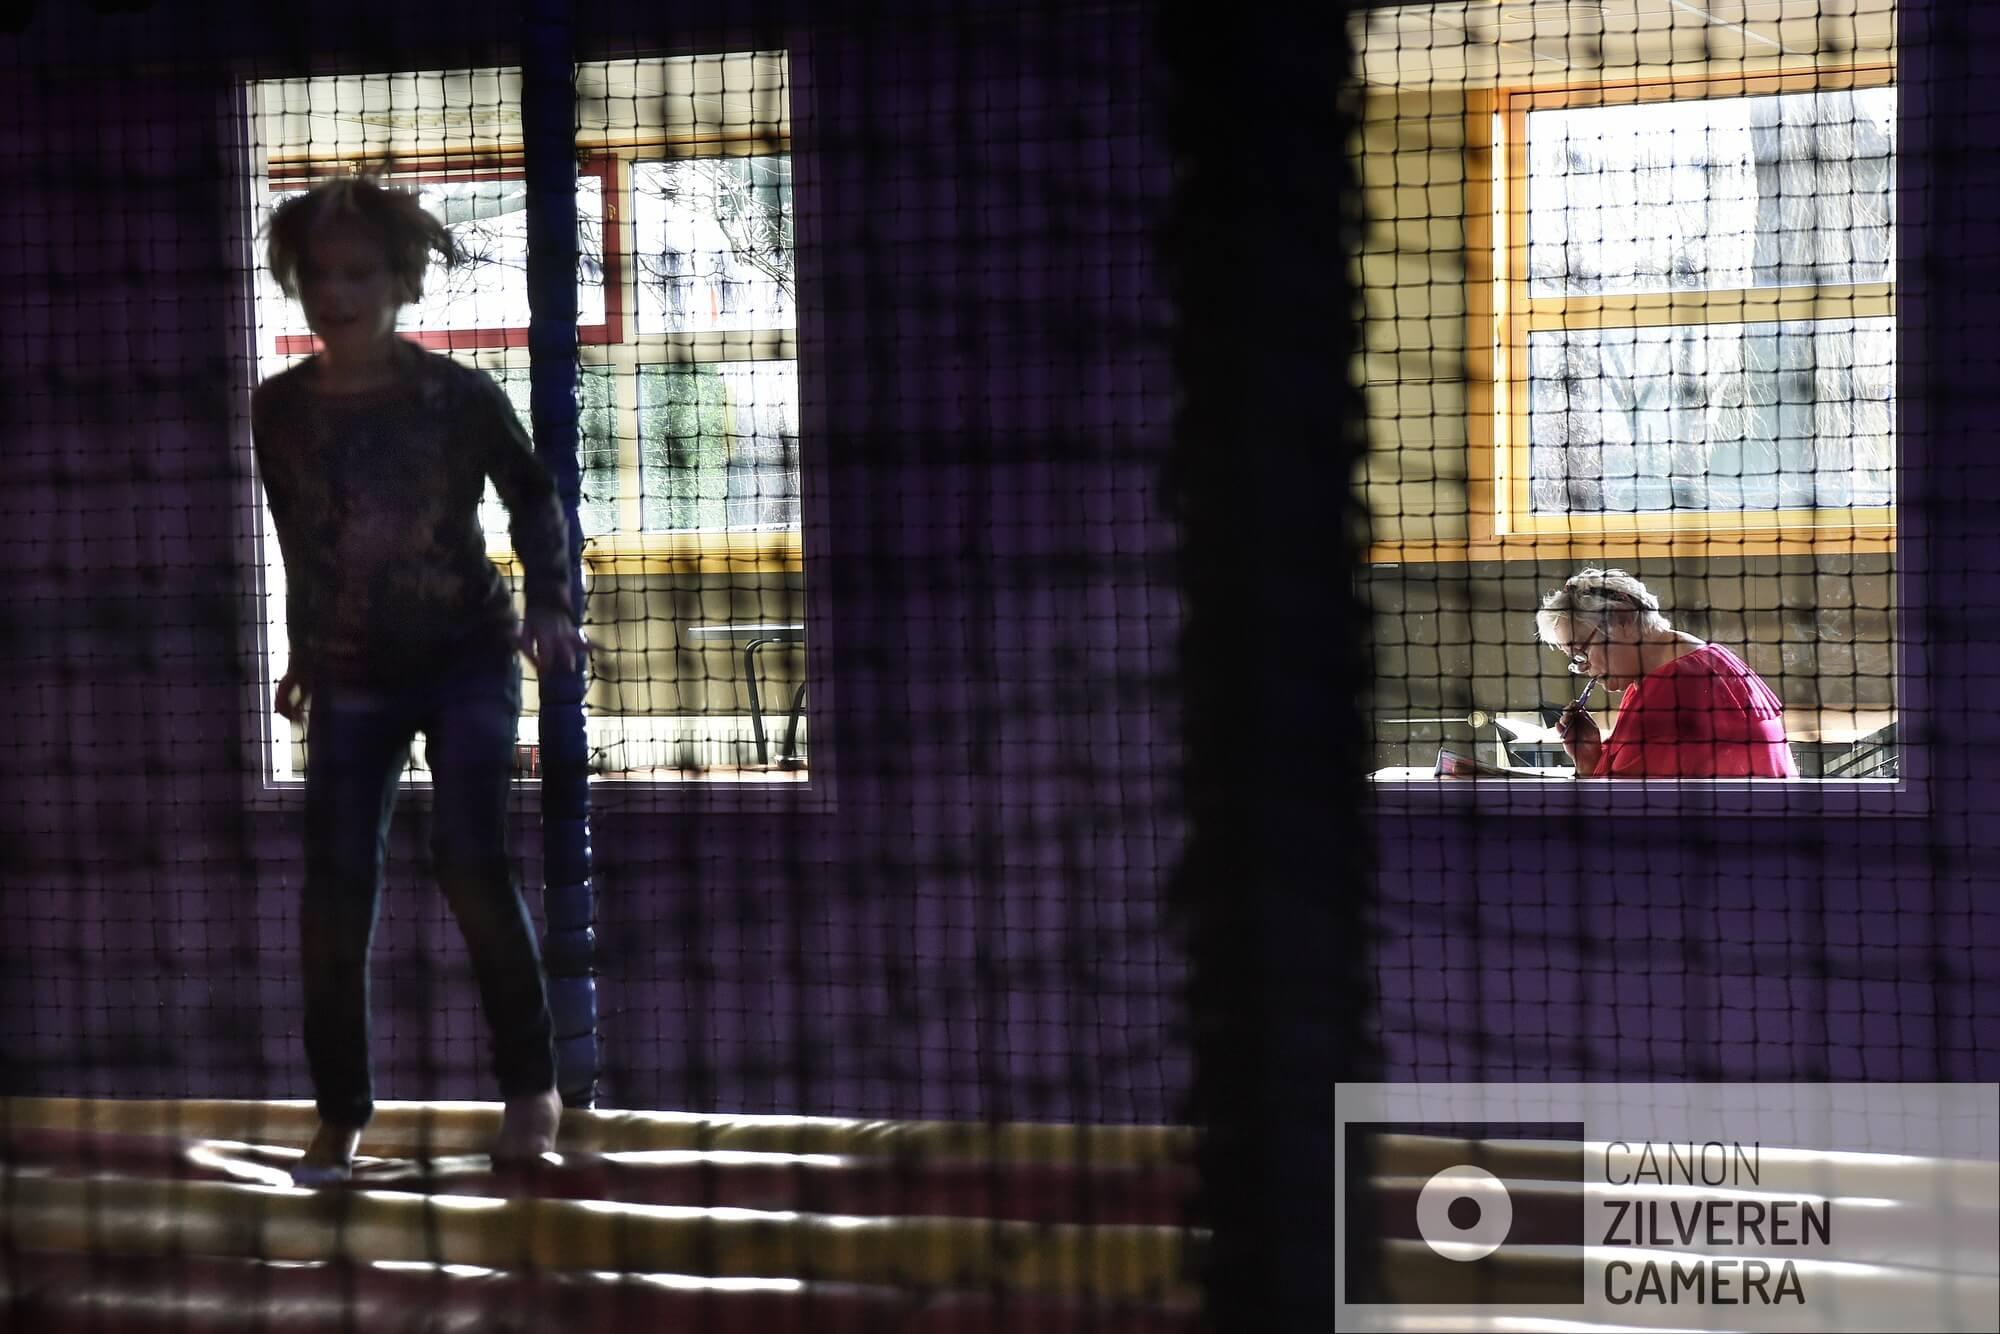 17-2-2018 Wamel2hRookruimtes moeten weer worden gesloten. Heeft elke ondernemer inmiddels eindelijk een inpandige rookruimte gebouwd. En nu moet die ruimte per 1 juli 2022 weer verdwijnen. Het ontmoedigingsbeleid van de overheid met betrekking tot roken zet zich voort.rookruimte in kinderspeelparadijs